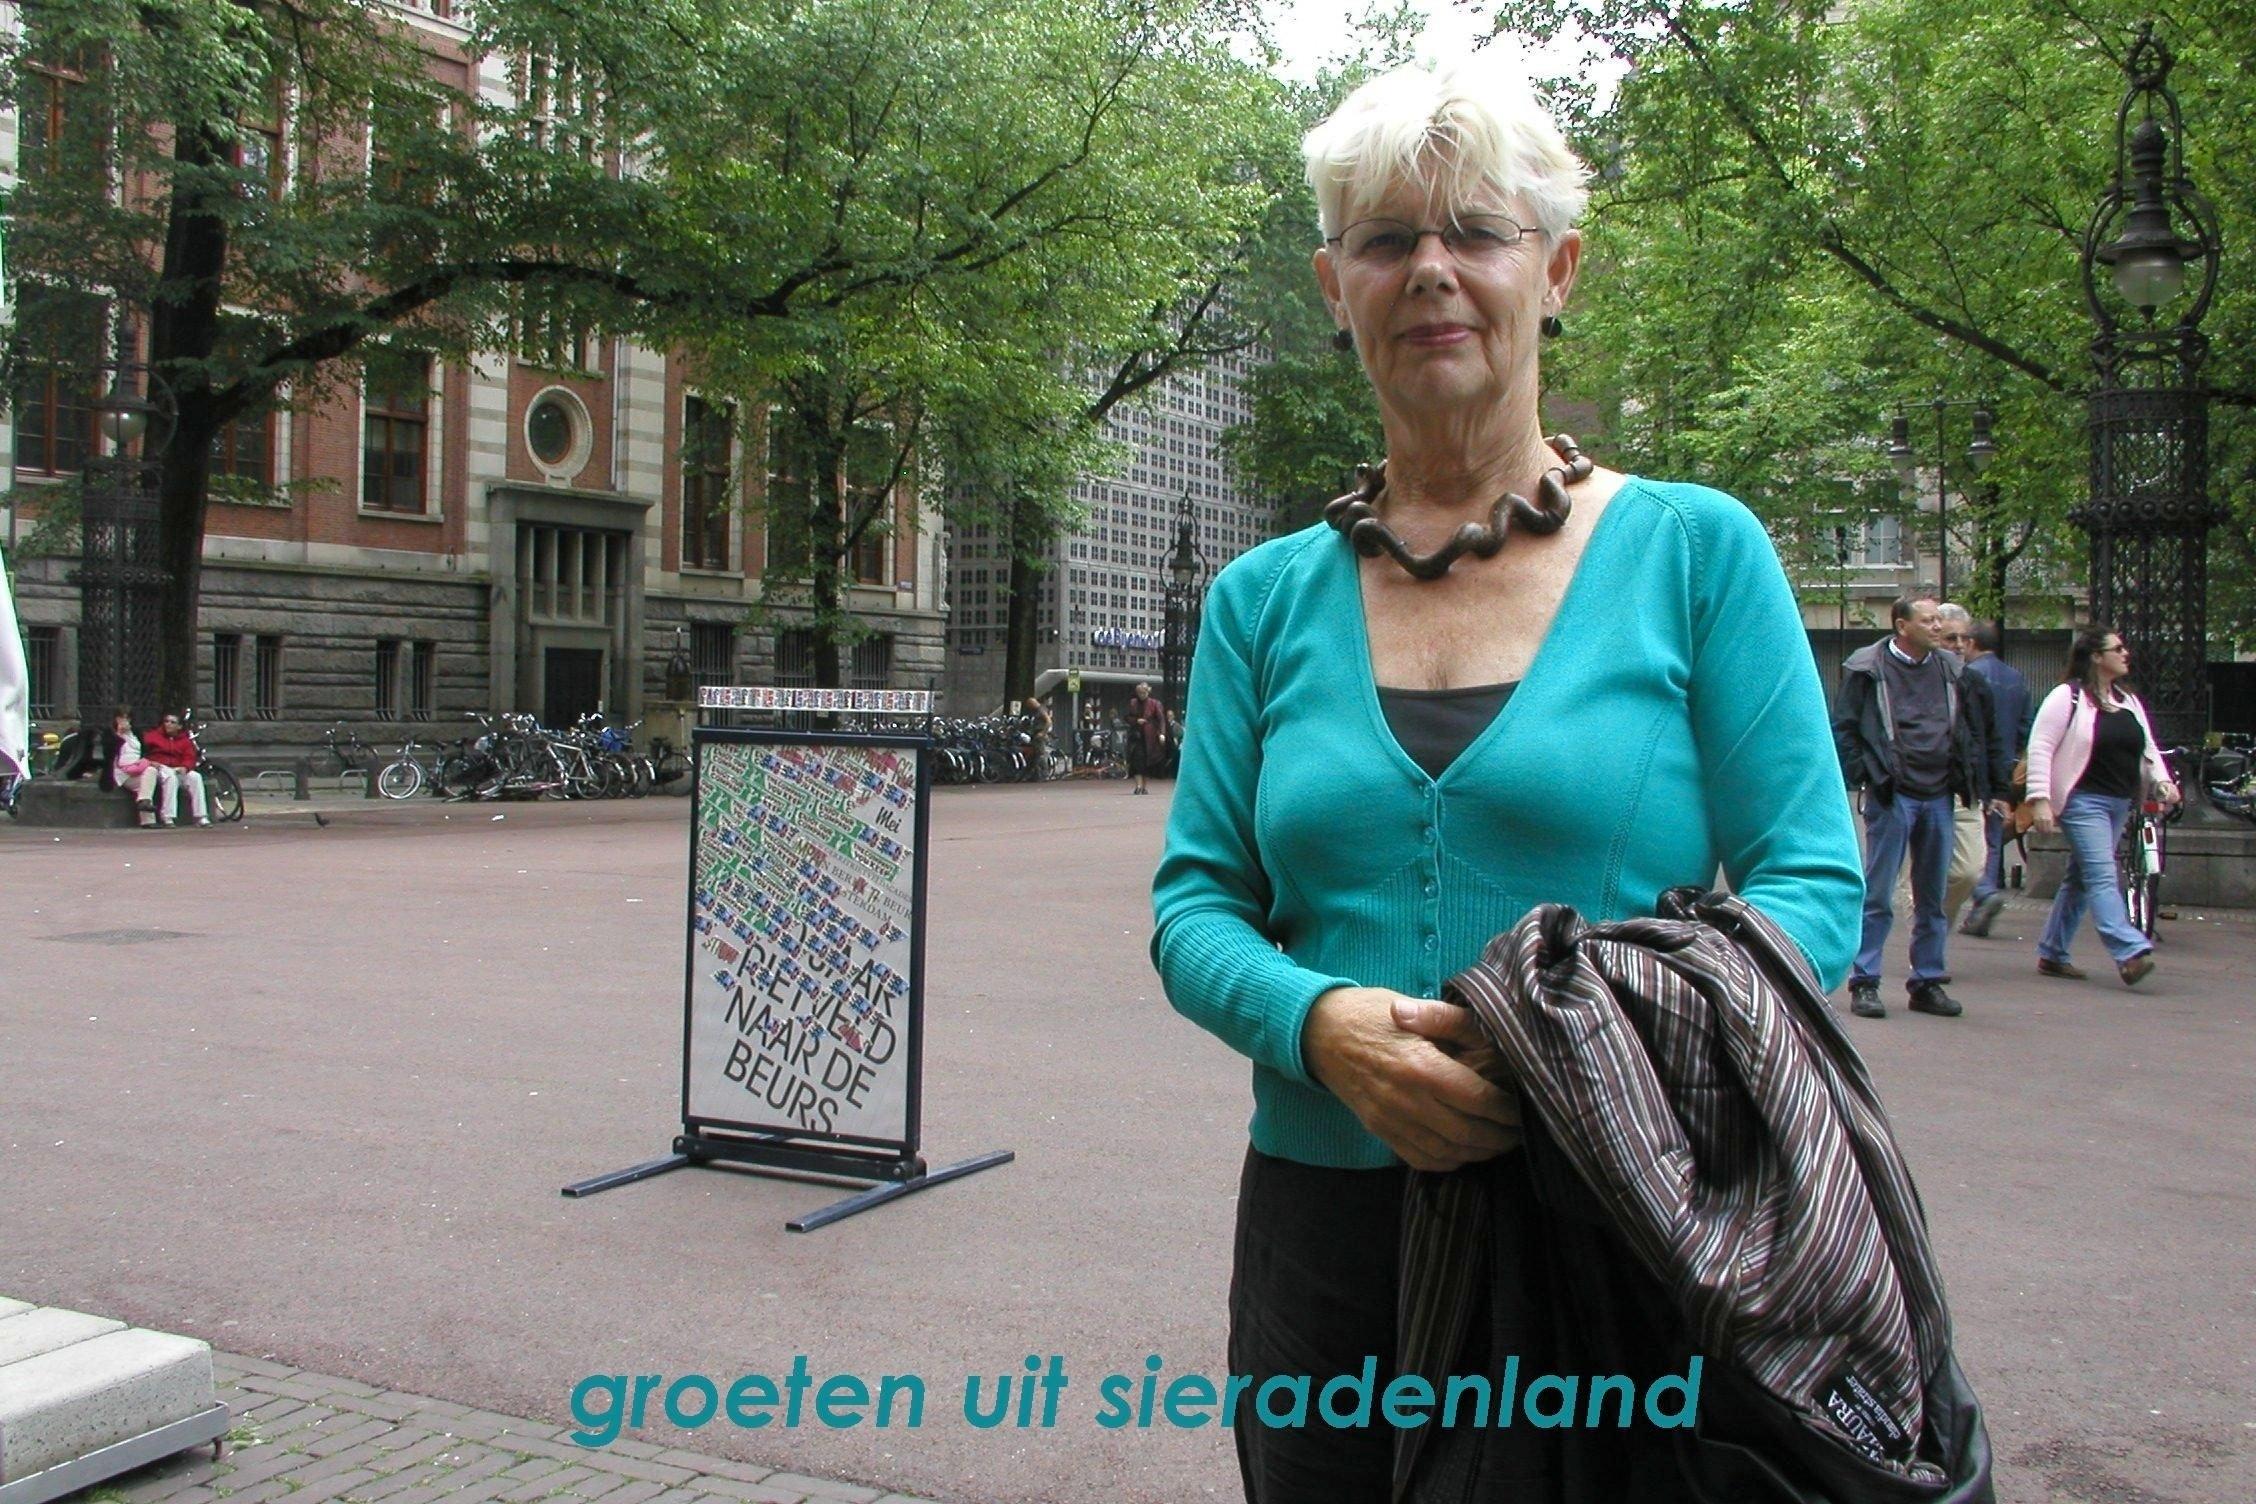 Claartje Keur, Zelfportret met halssieraad van Terhi Tolvanen, Amsterdam, Beursplein, 27 mei 2007. Foto Claartje Keur, Rietveld naar De Beurs